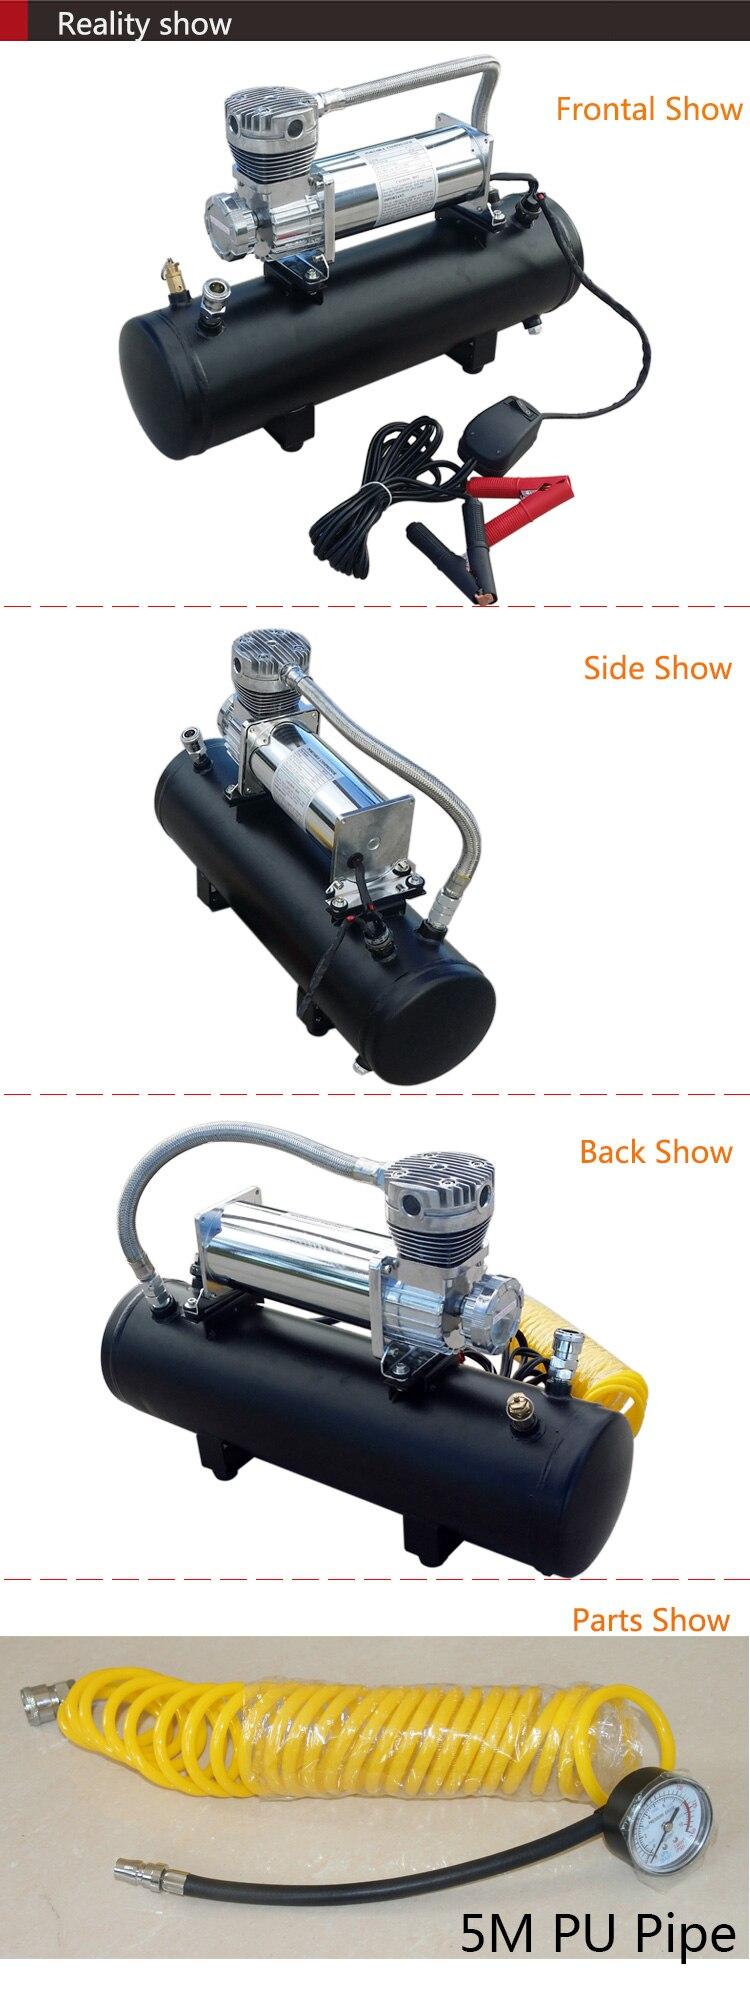 Air-pump_012